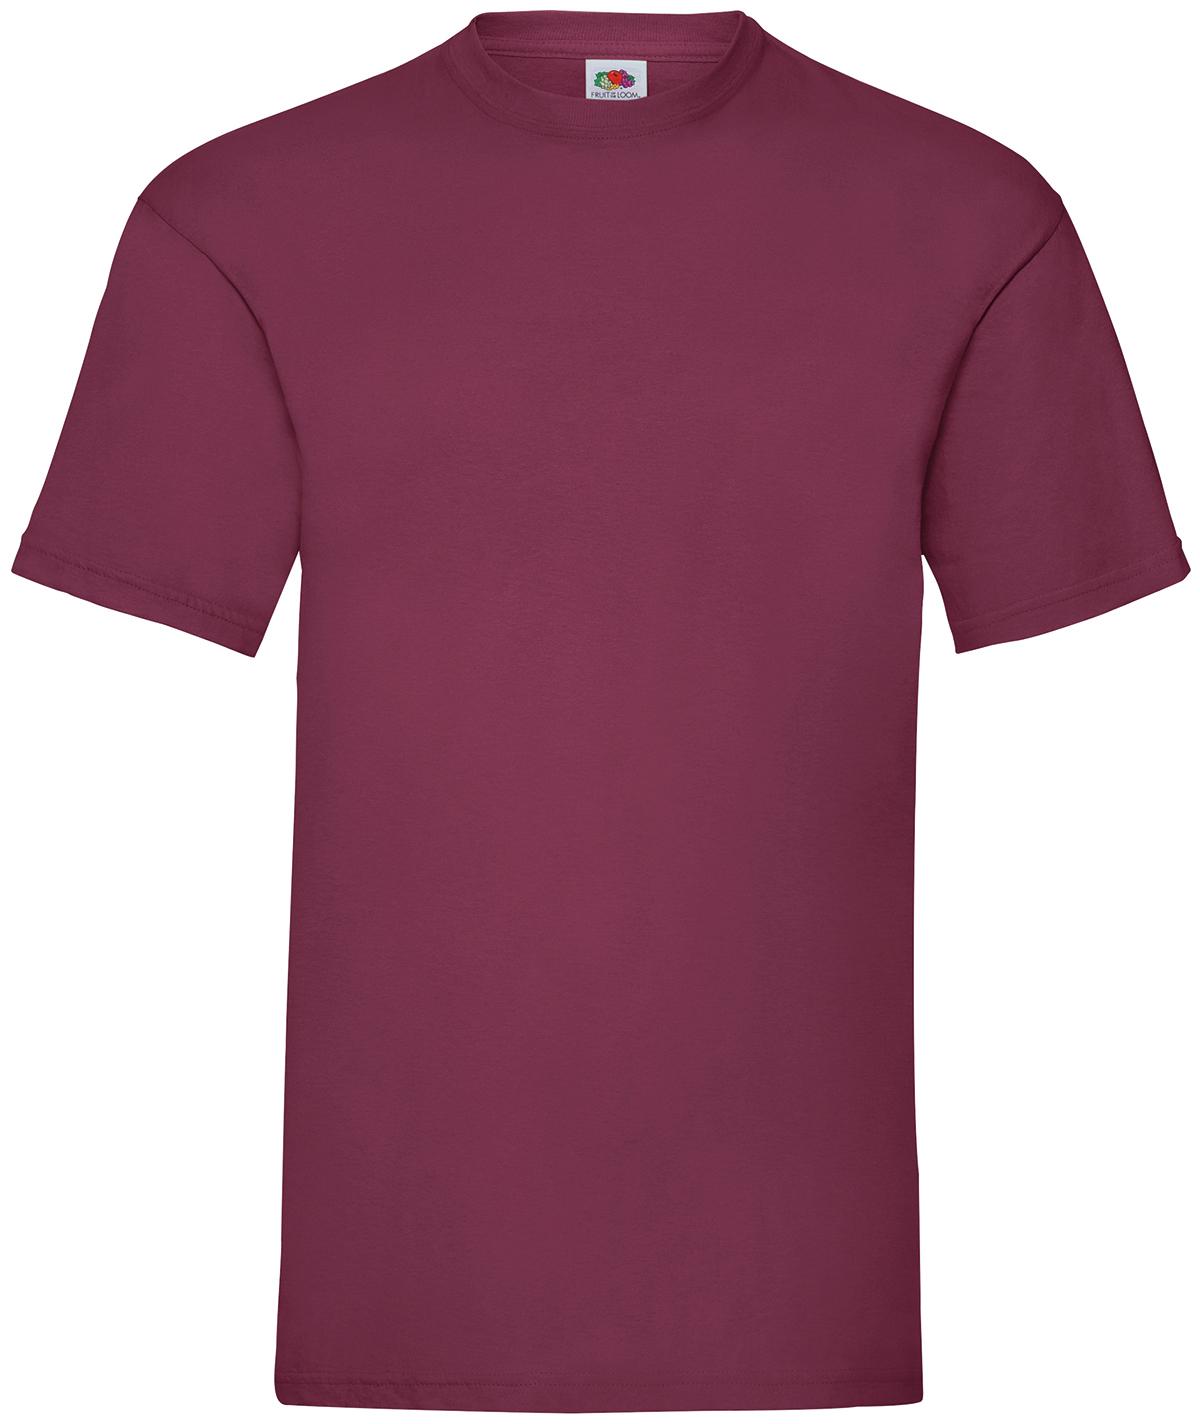 Indexbild 10 - Fruit of the Loom UNISEX T-Shirt Bestseller Top Angebot Herren Damen NEU